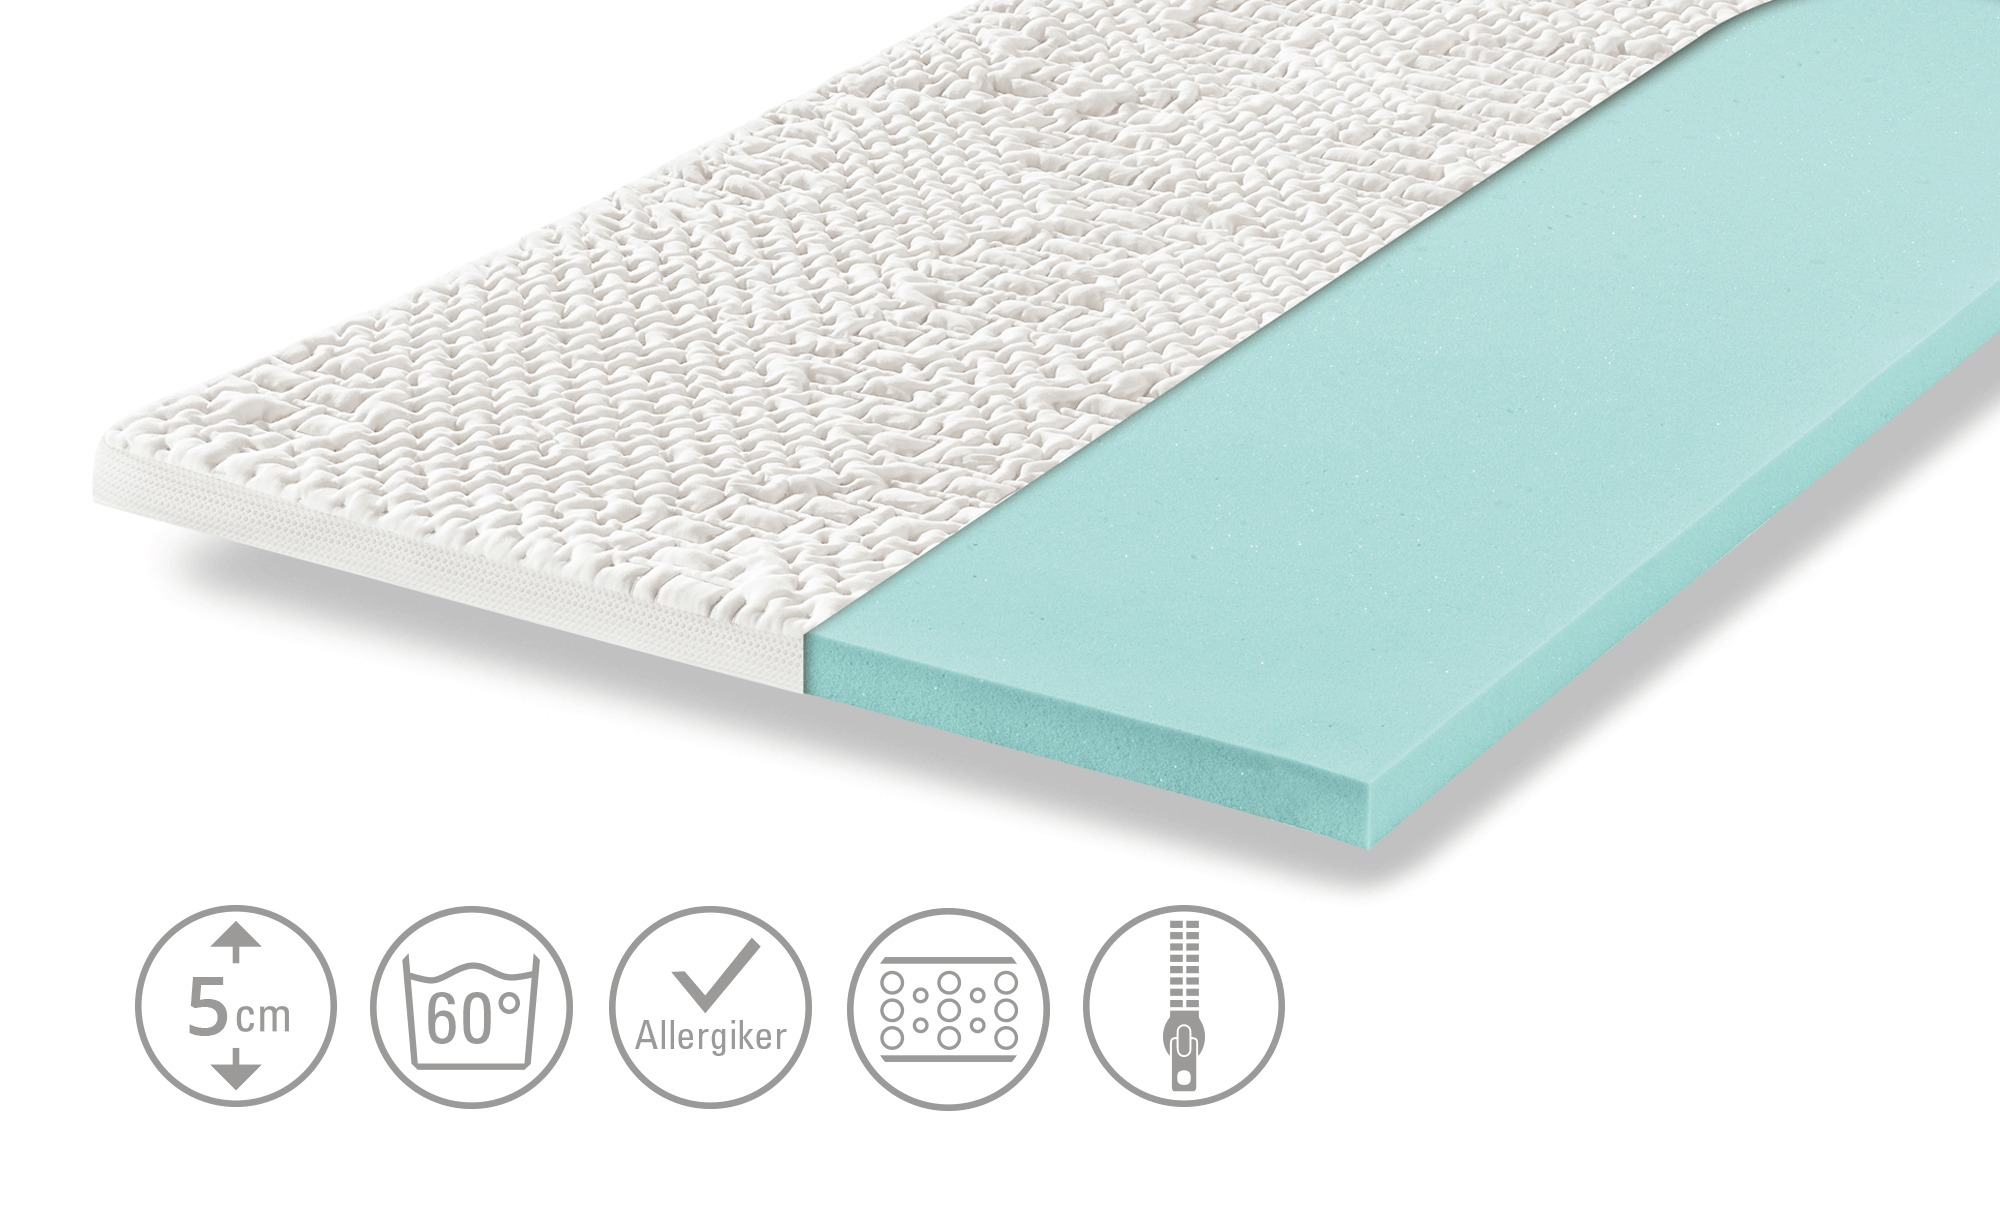 Möve Kaltschaumtopper  Aqua Med KS - weiß - 90 cm - 5 cm - Matratzen & Lattenroste > Matratzenarten > Matratzen-Topper - Möbel Kraft | Schlafzimmer > Matratzen > Unterbetten | Möve